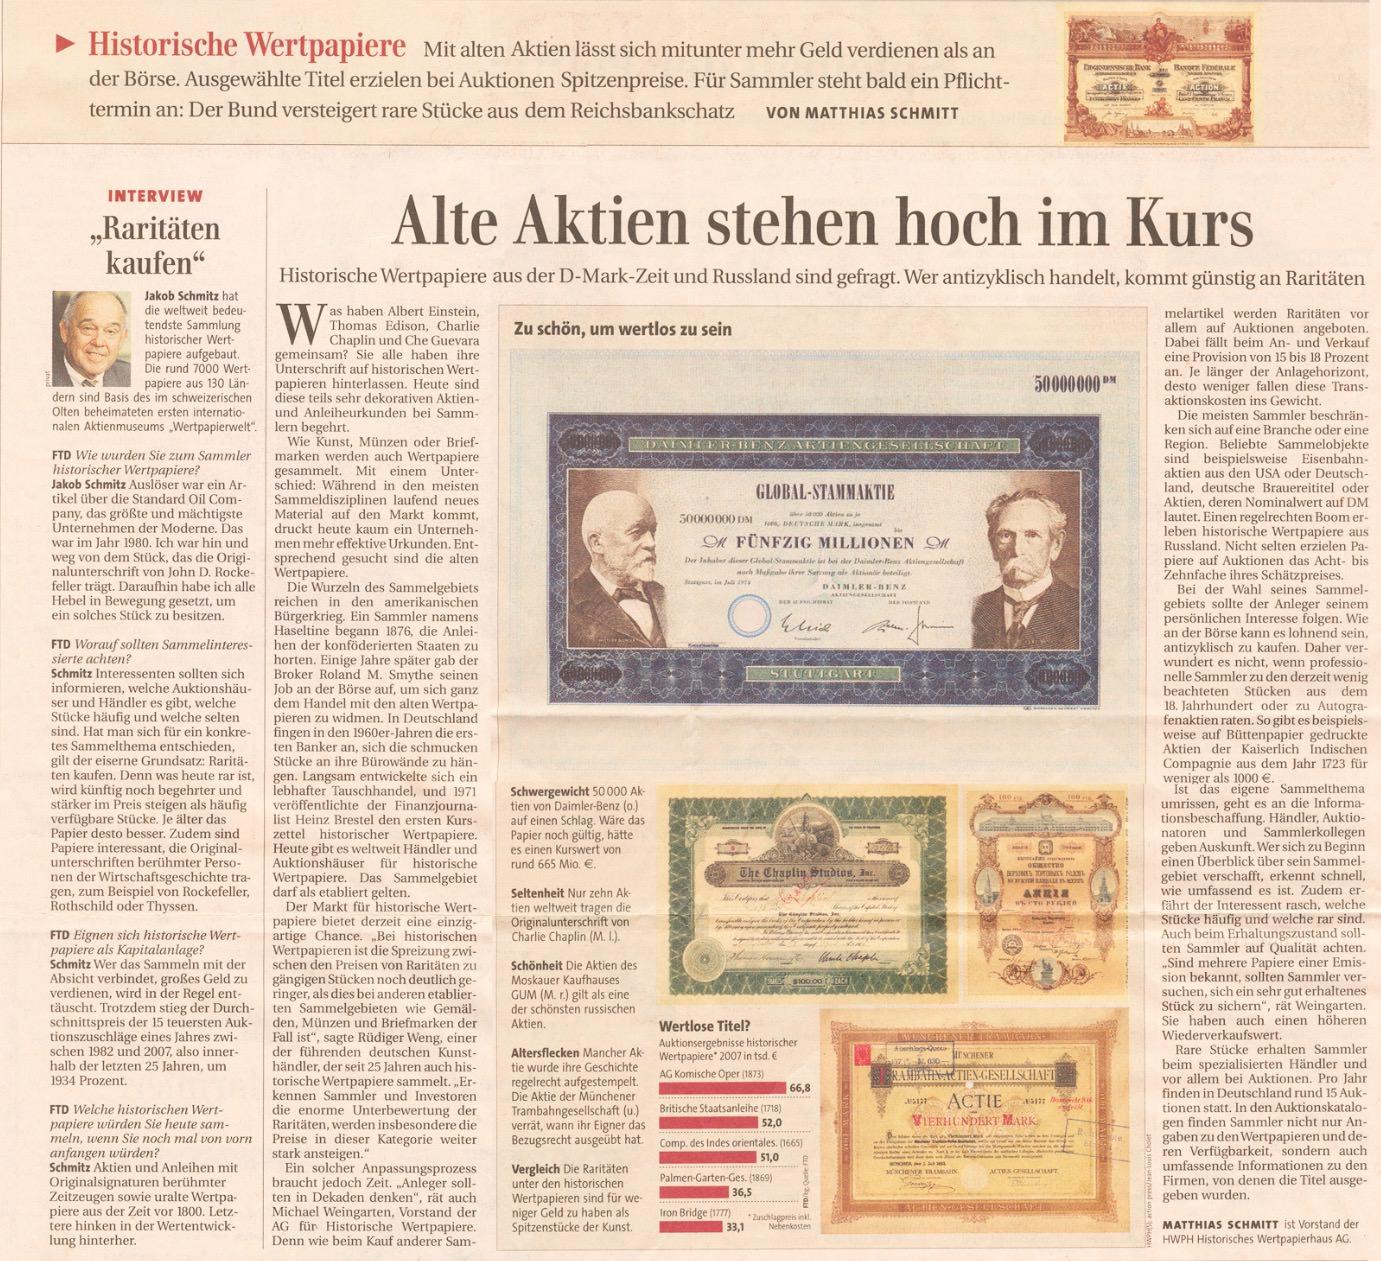 Articolo del Financial Times Deutschland (in tedesco) sui titoli storici da collezione - Scripofilia